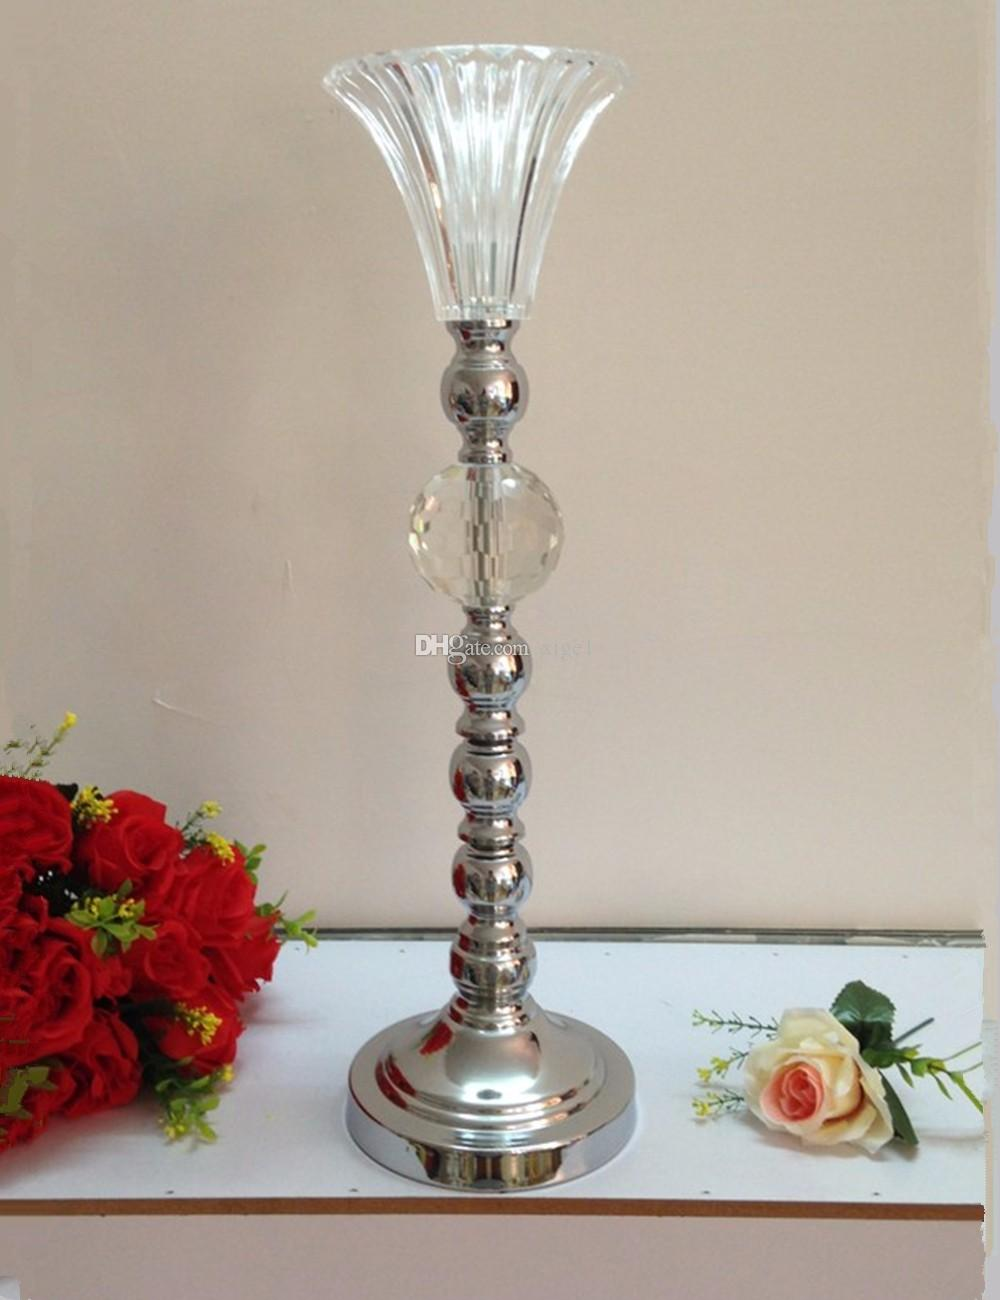 53 см высота серебряный творческий металл подсвечник свадьба центральным событие дорога привести партии цветок стойки 1 лот = 10 шт.